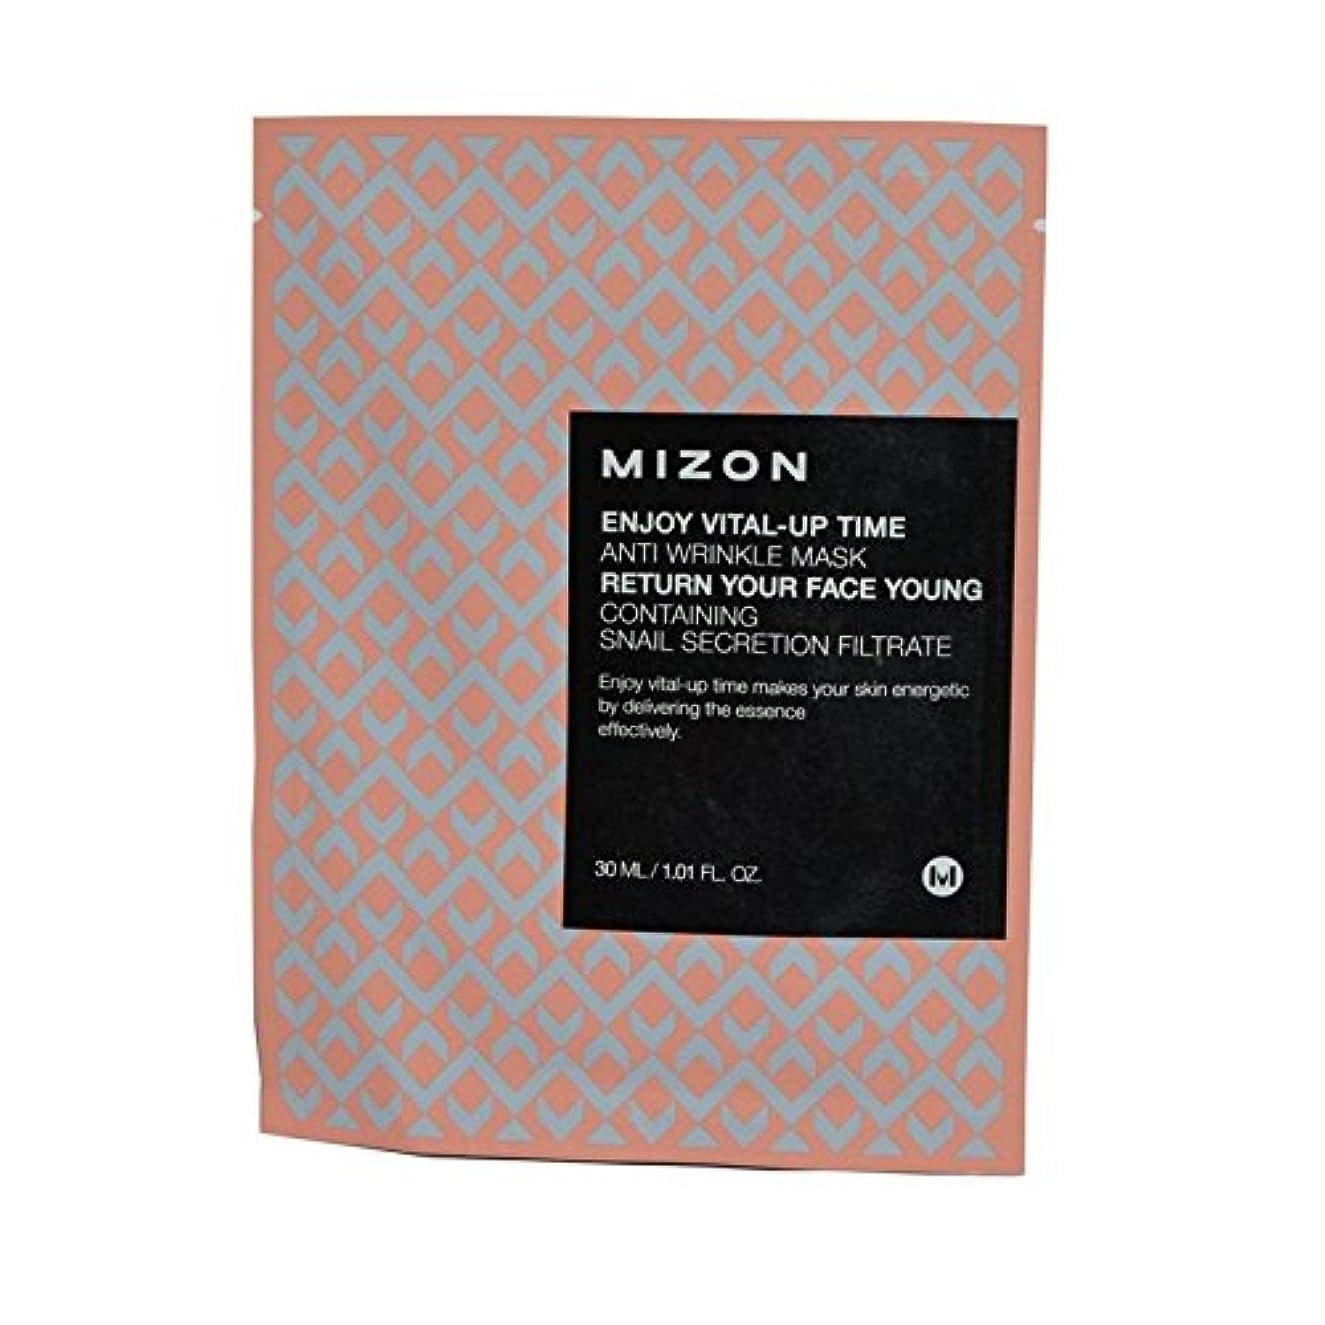 が不可欠アップ時間抗しわマスクを楽しみます x4 - Mizon Enjoy Vital Up Time Anti-Wrinkle Mask (Pack of 4) [並行輸入品]